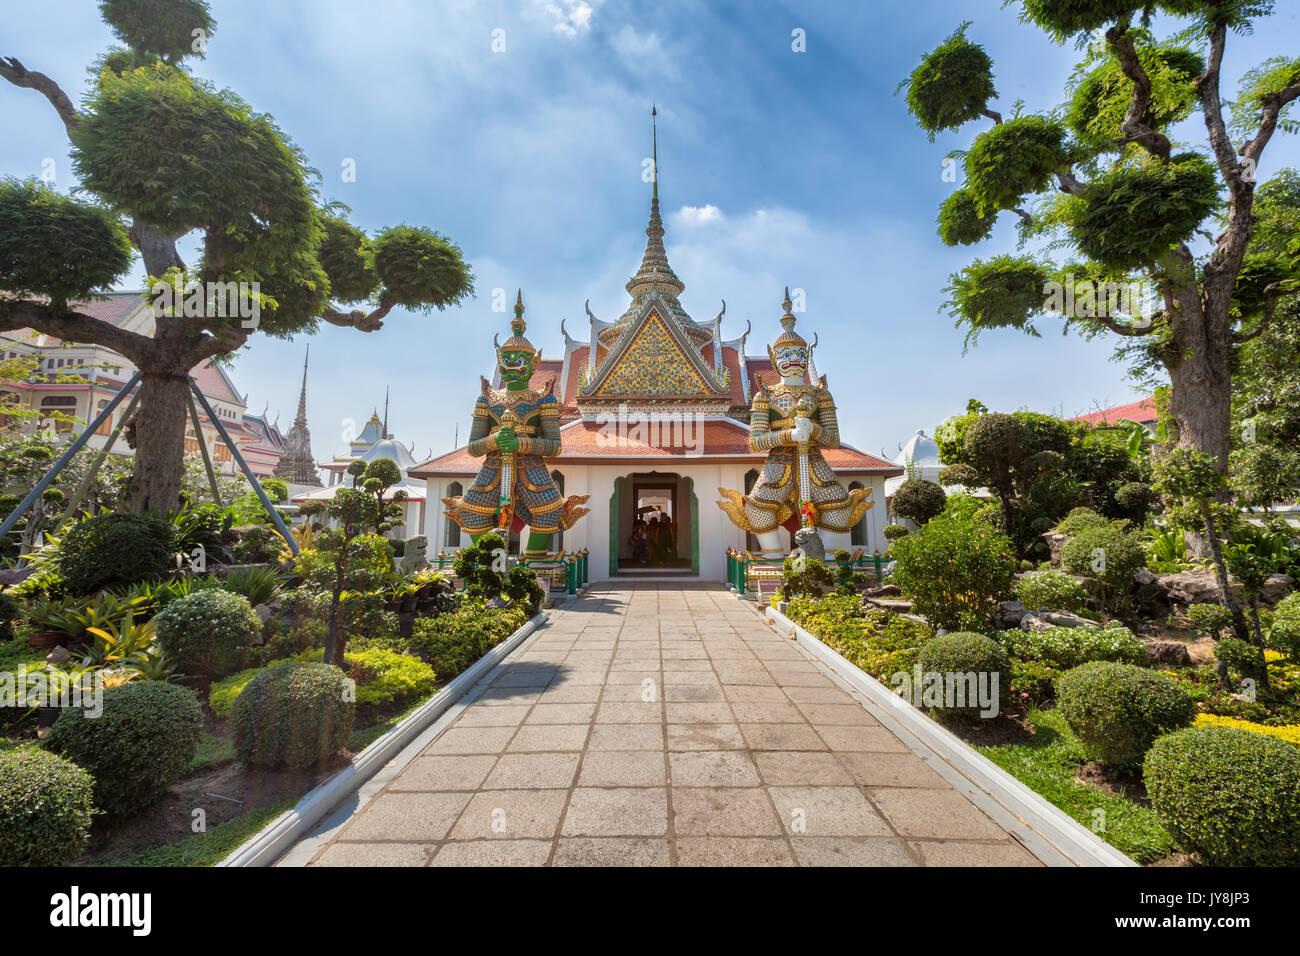 Démon géant gardien des statues à l'entrée de Wat Arun, Bangkok, Thaïlande Photo Stock